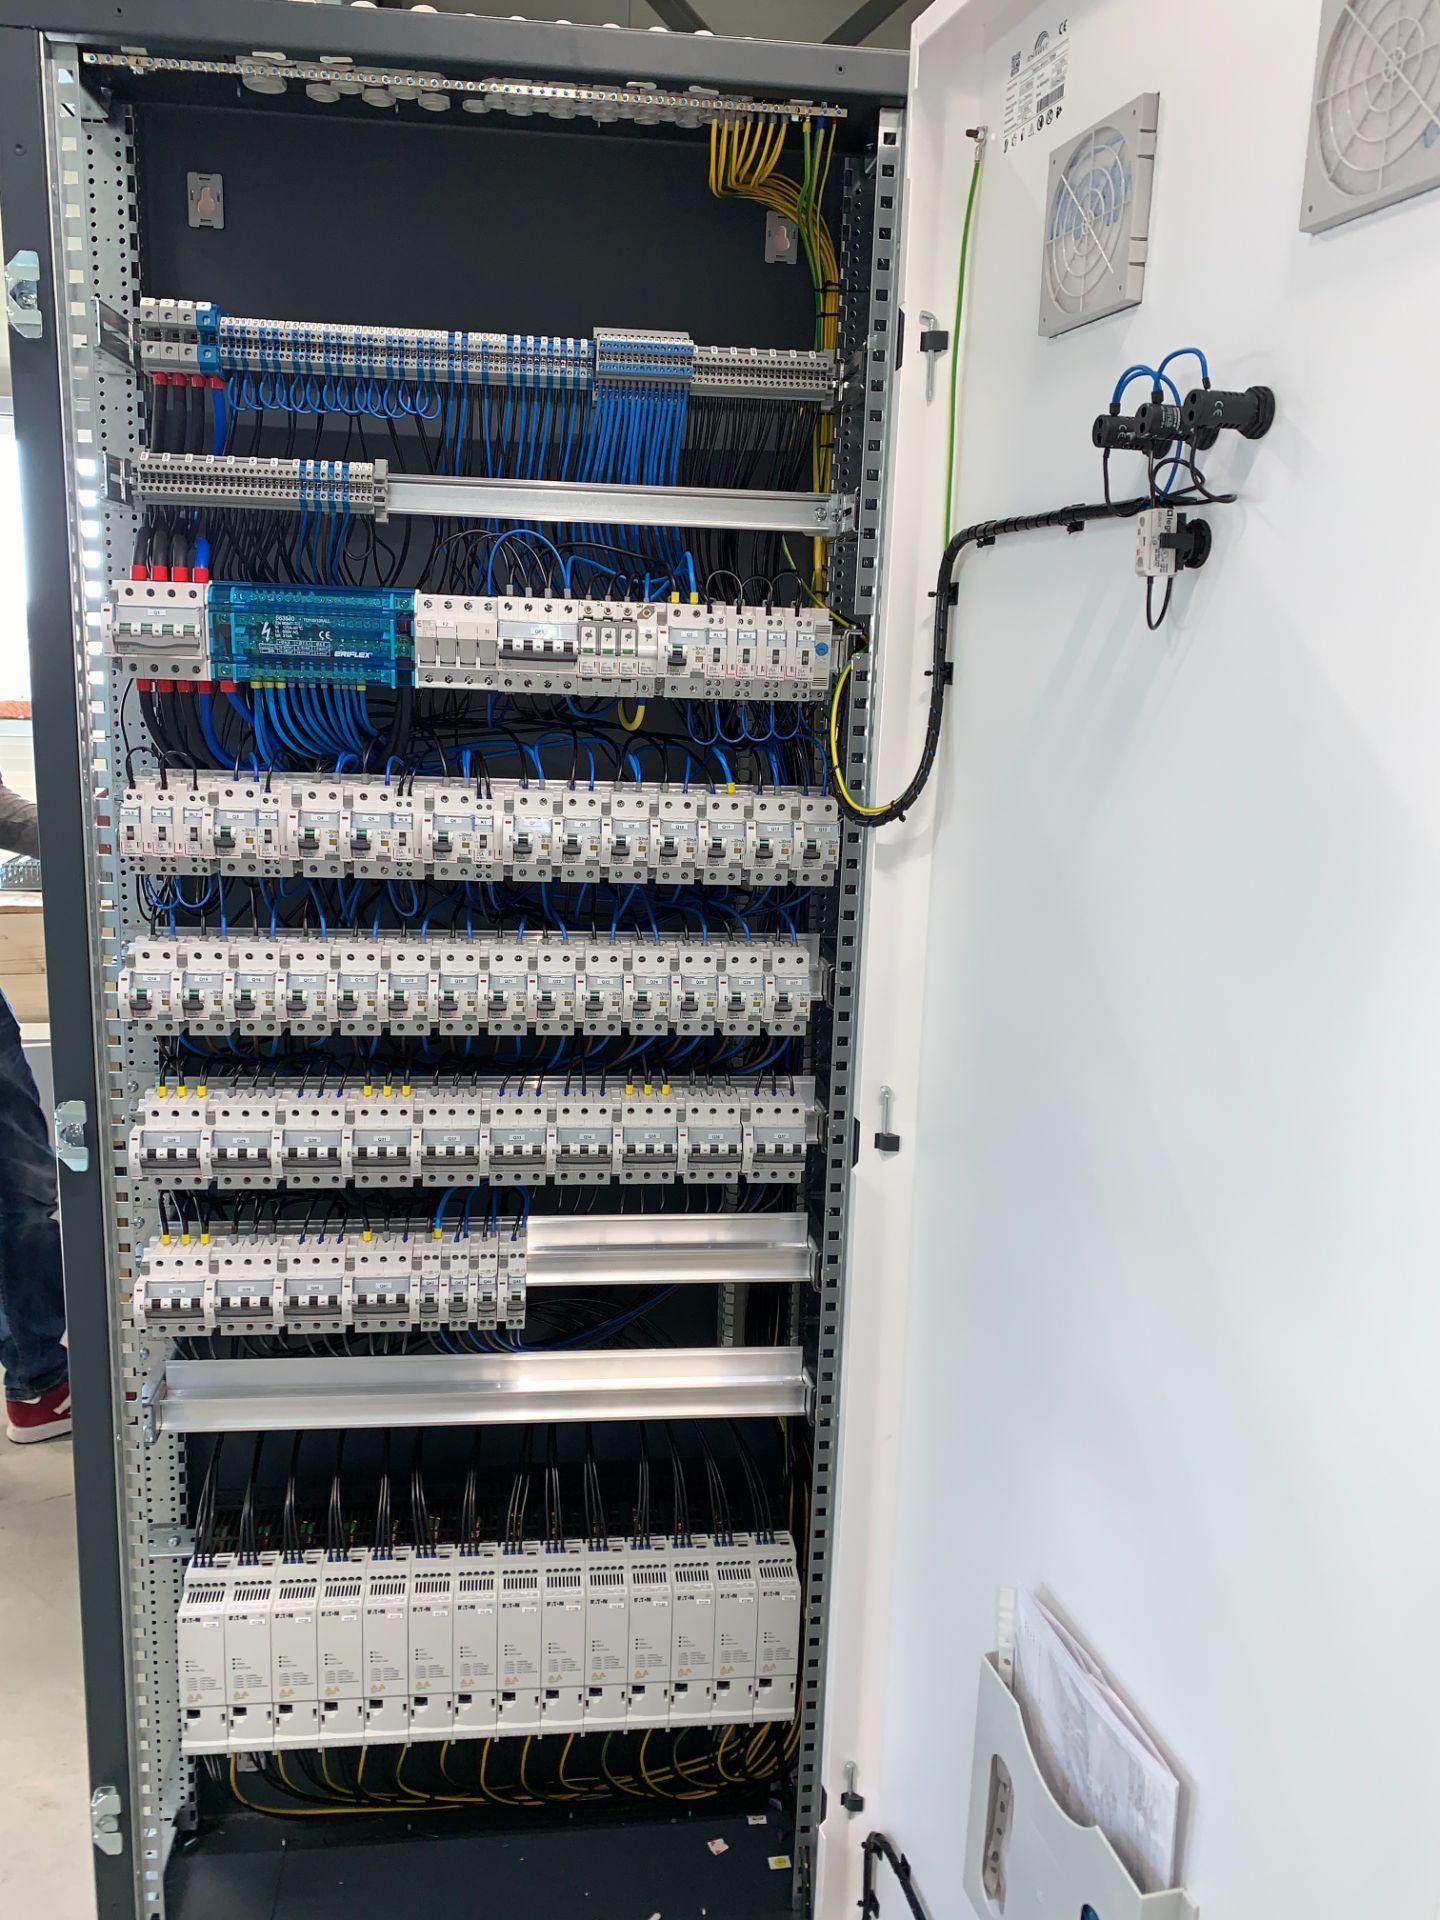 Tablouri electrice și automatizări IMG 0889